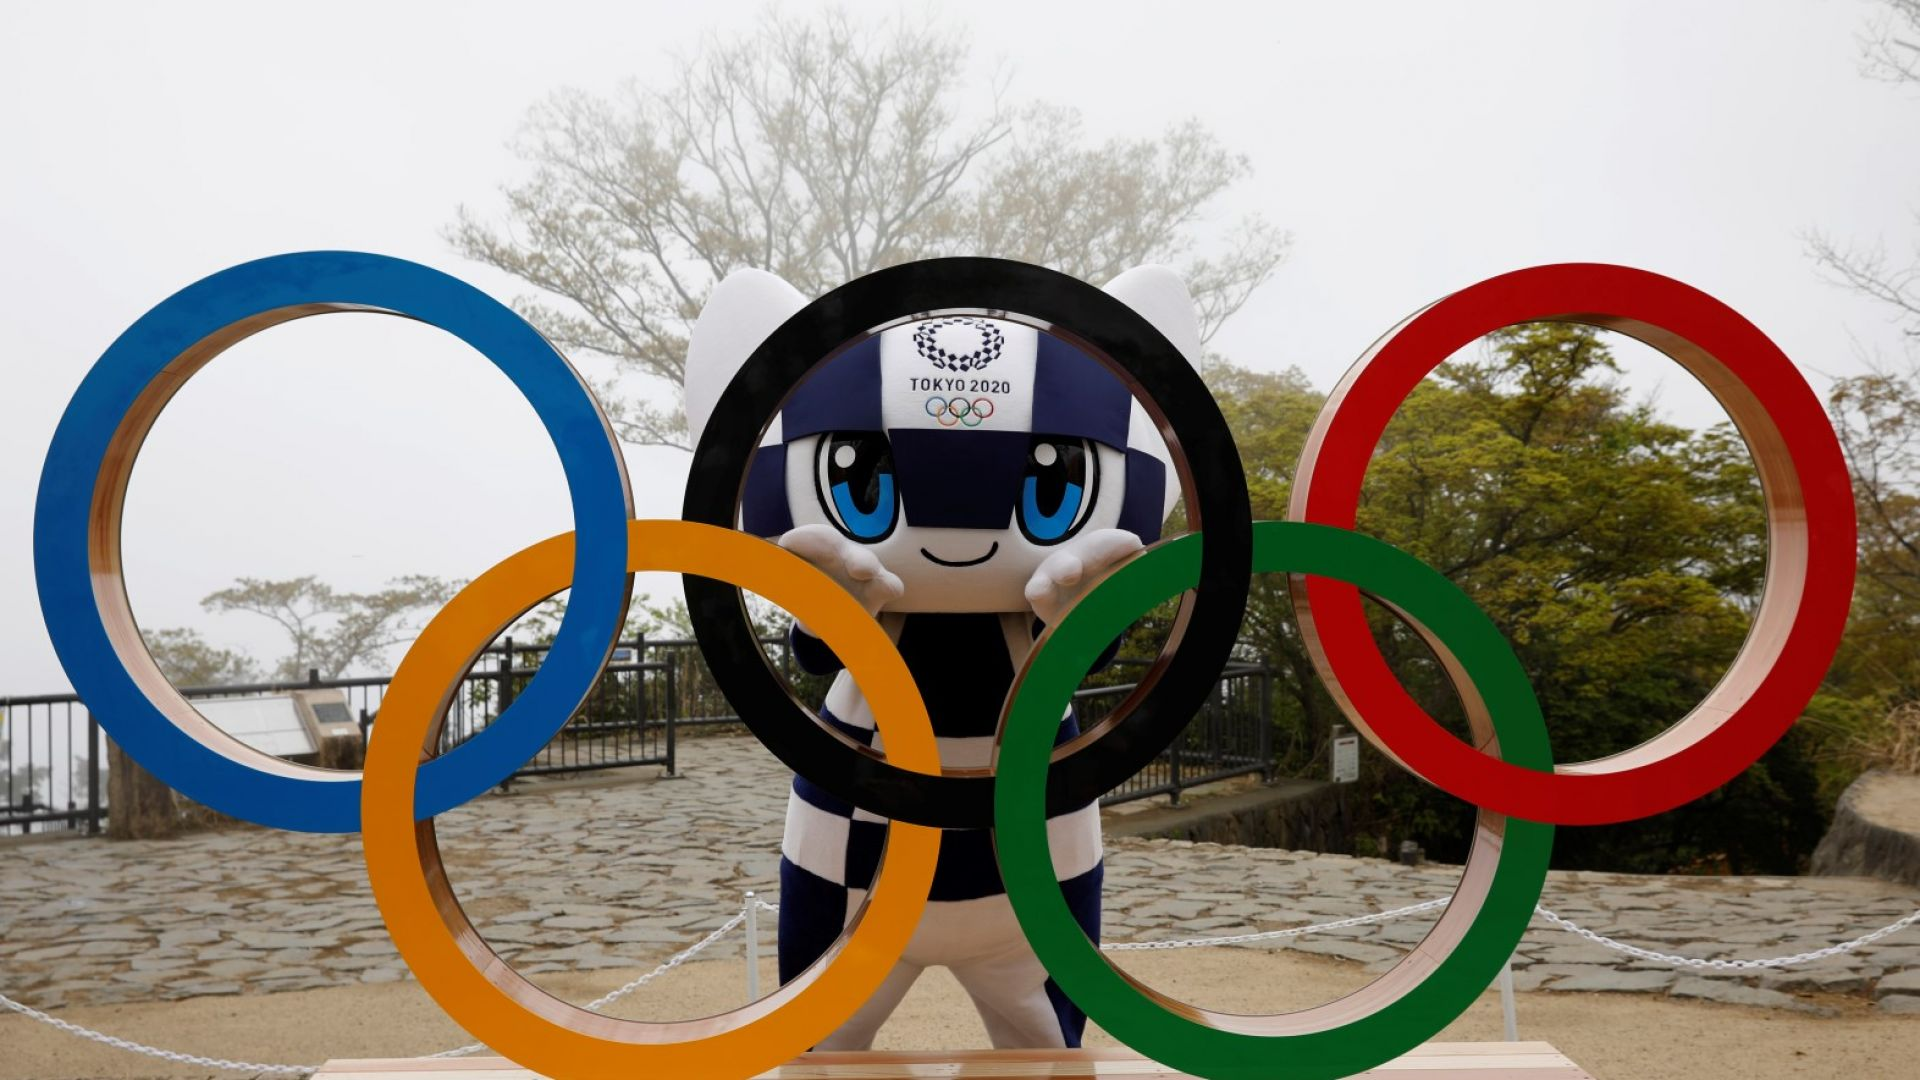 Токио въведе извънредно положение две седмици преди Олимпиадата